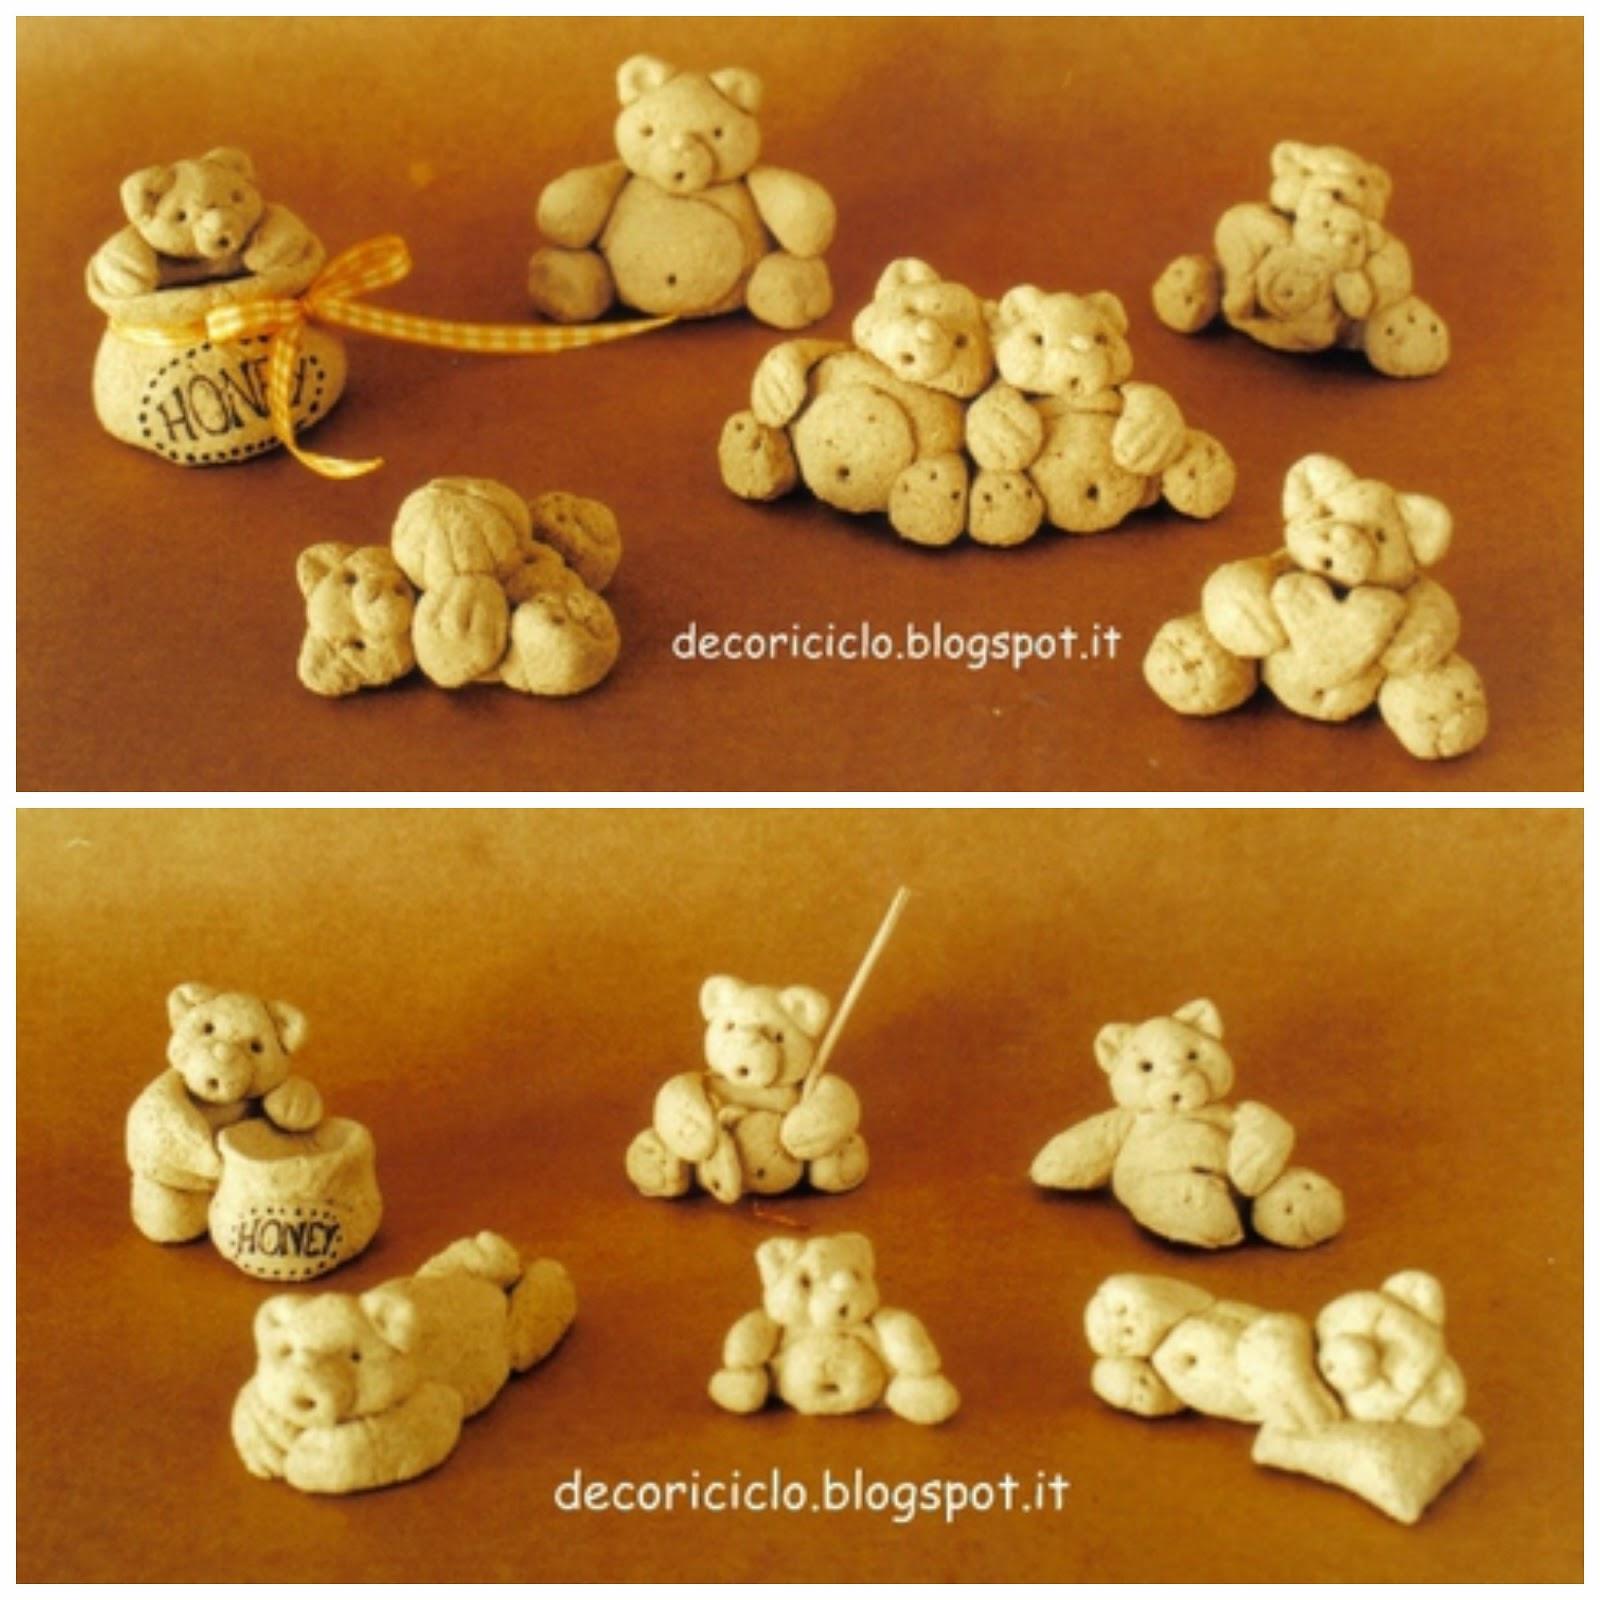 Favorito decoriciclo: Paste modellabili fai-da-te: raccolta di 4 ricette TS61